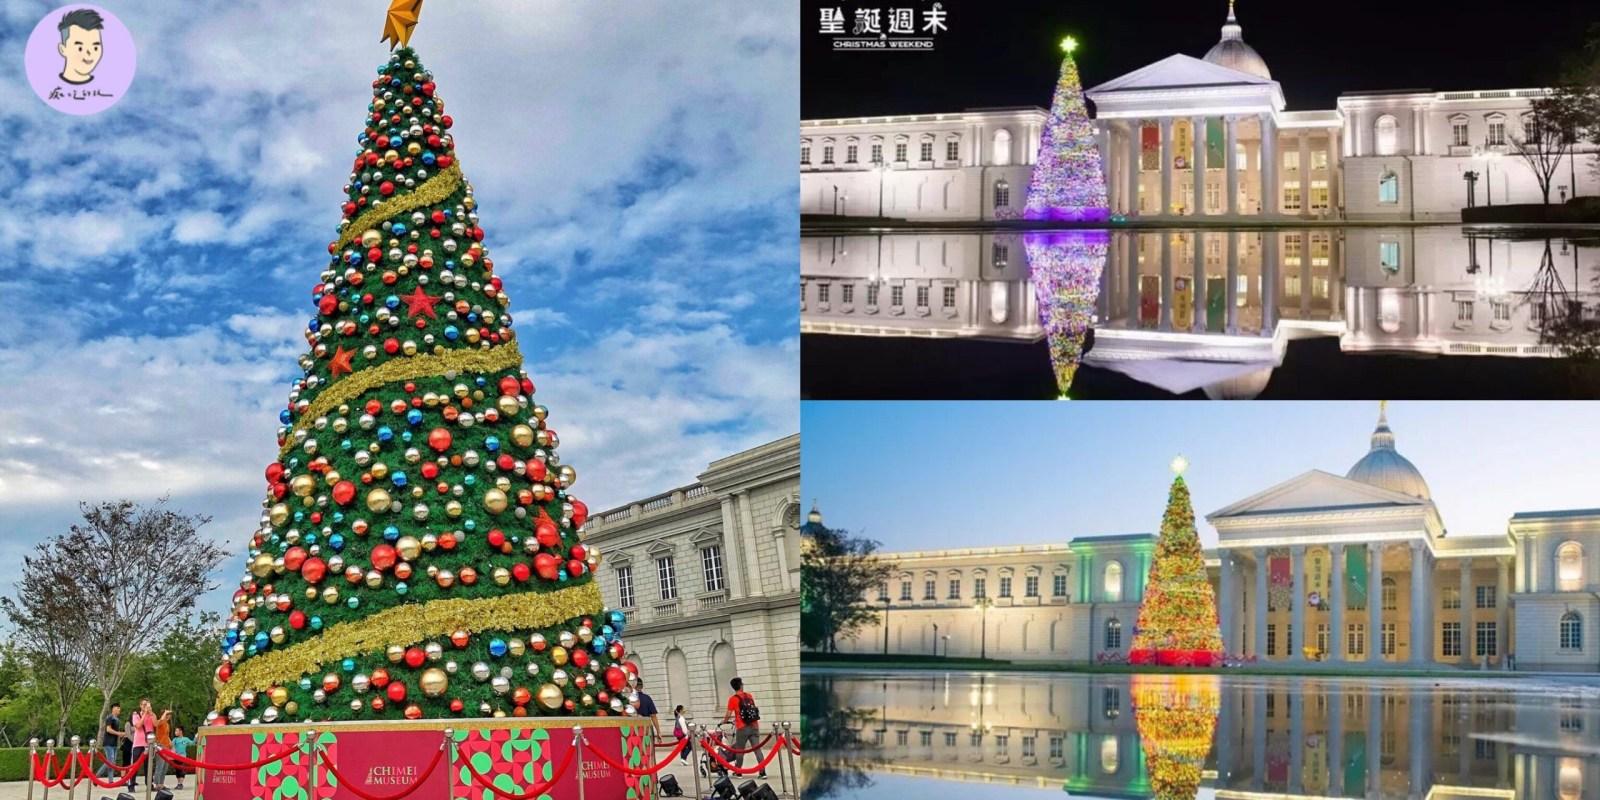 【台南景點】快閃四天!!! 奇美博物館「耶誕派對」13尺高耶誕樹、戶外電影院、市集舞會 晚上來超浪漫!